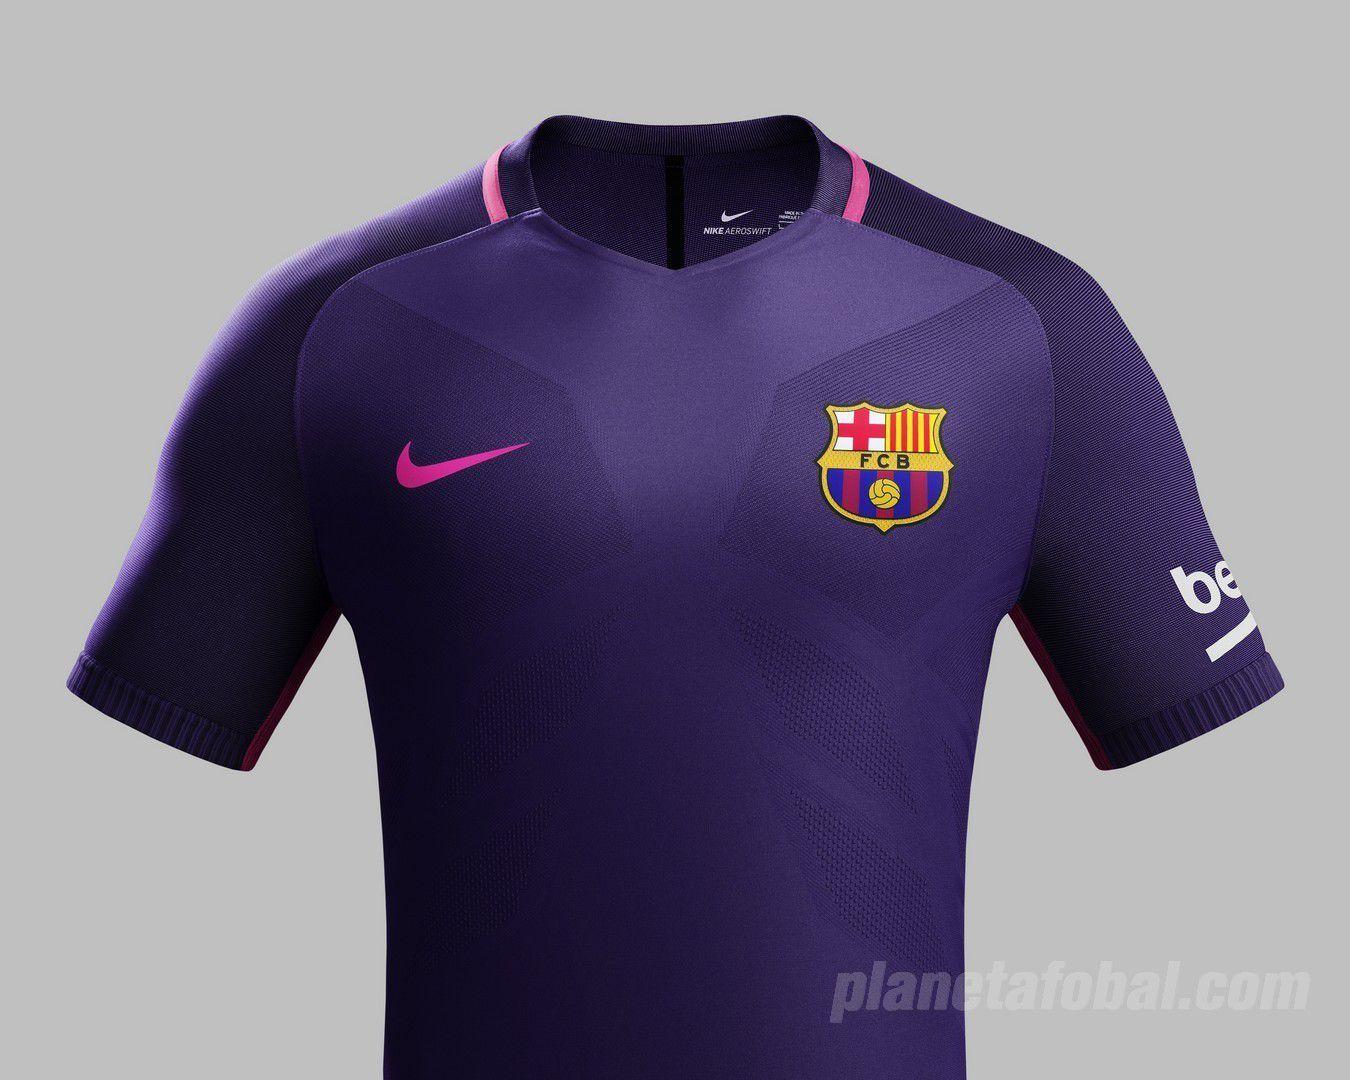 Camiseta suplente Nike del Barcelona 2016 17 1af4f5be56b